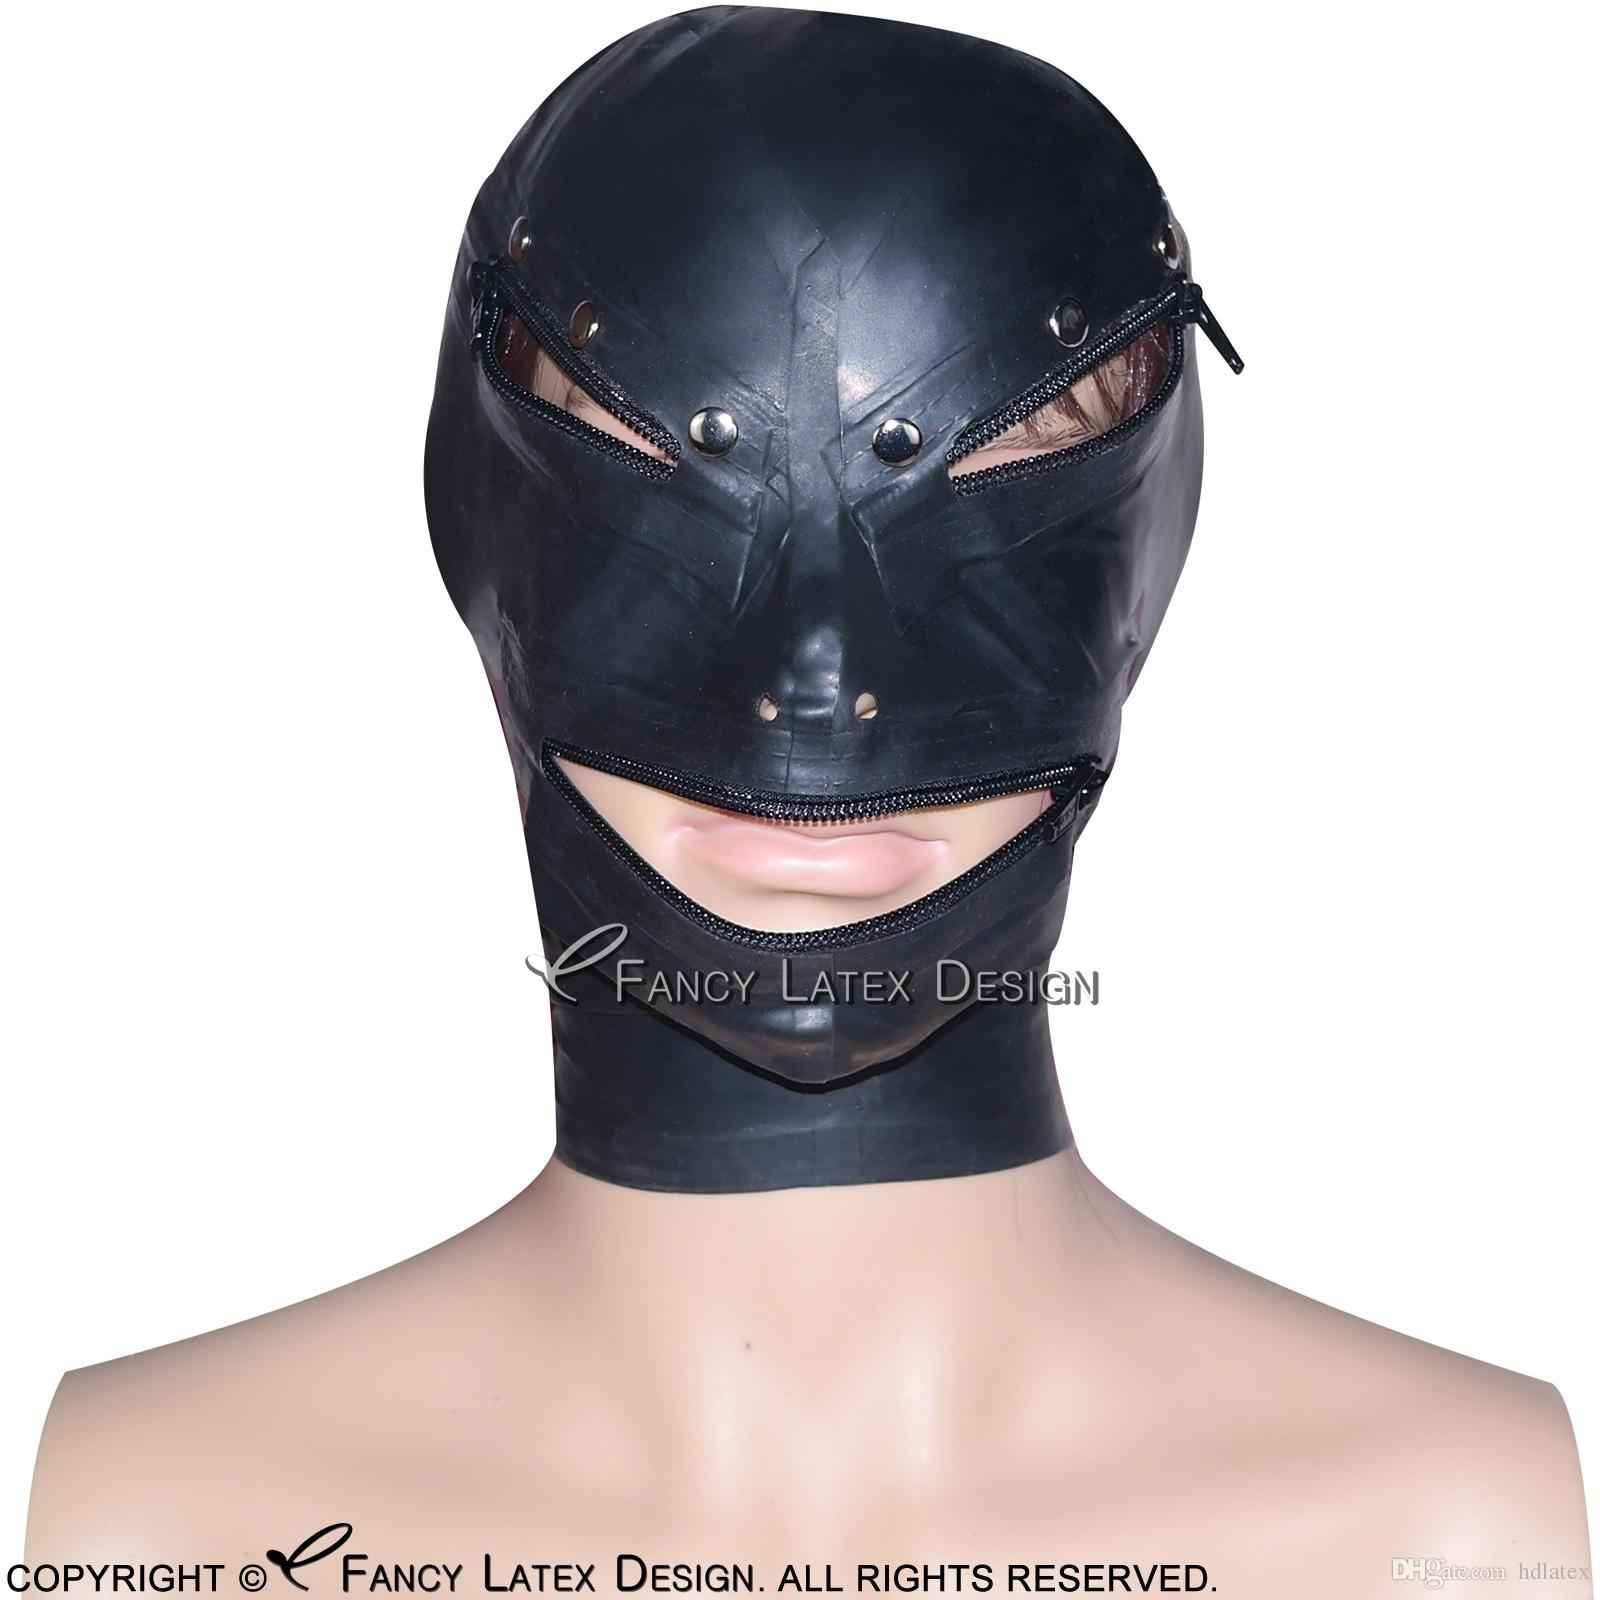 Preto Sexy Latex capa com zíper em Olhos Boca Voltar Zipper aberto na parte traseira Nose Fetish Borracha Máscara Bondage TT-0045